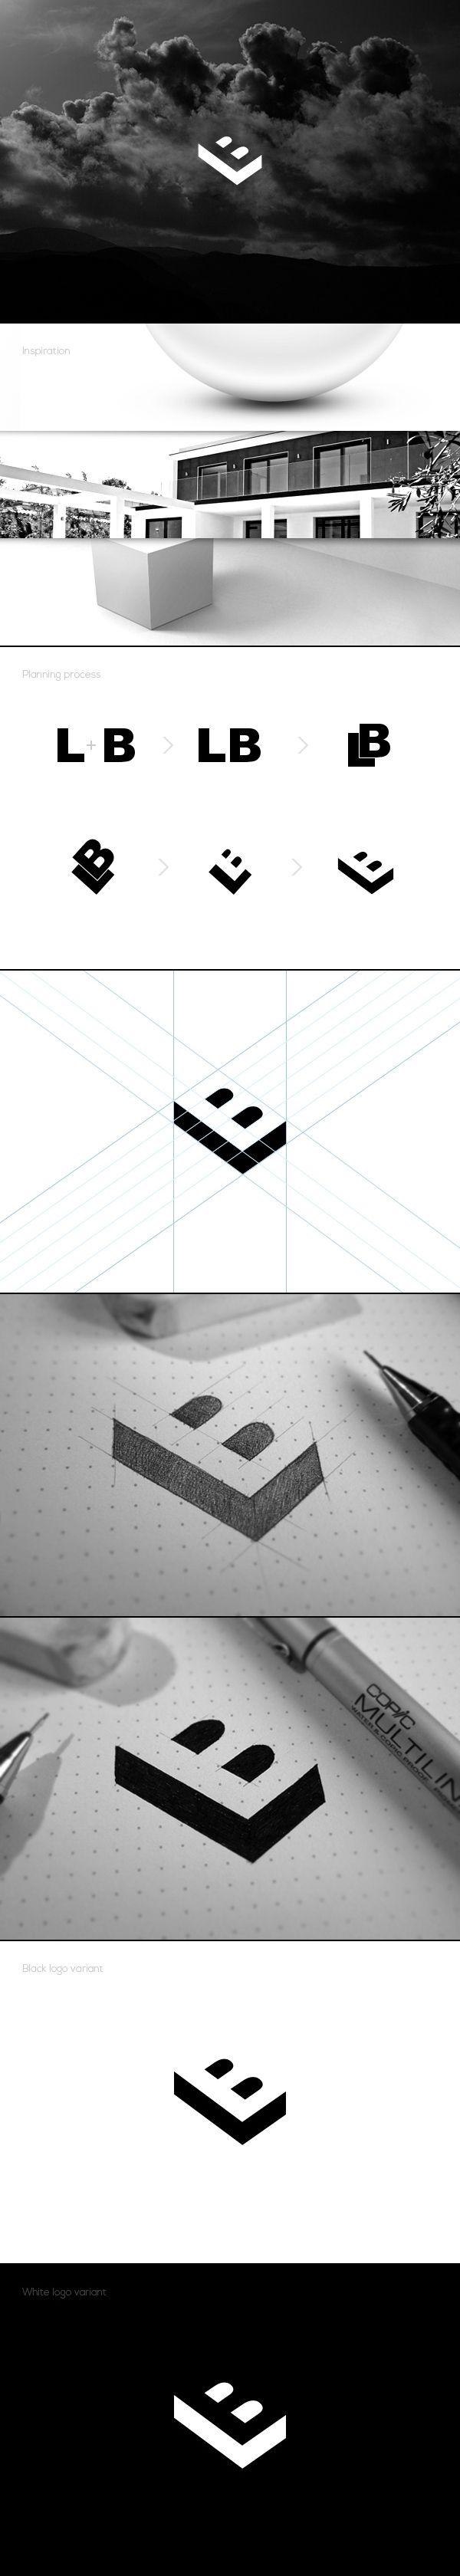 Béla Lajos personal logo - behance                              …